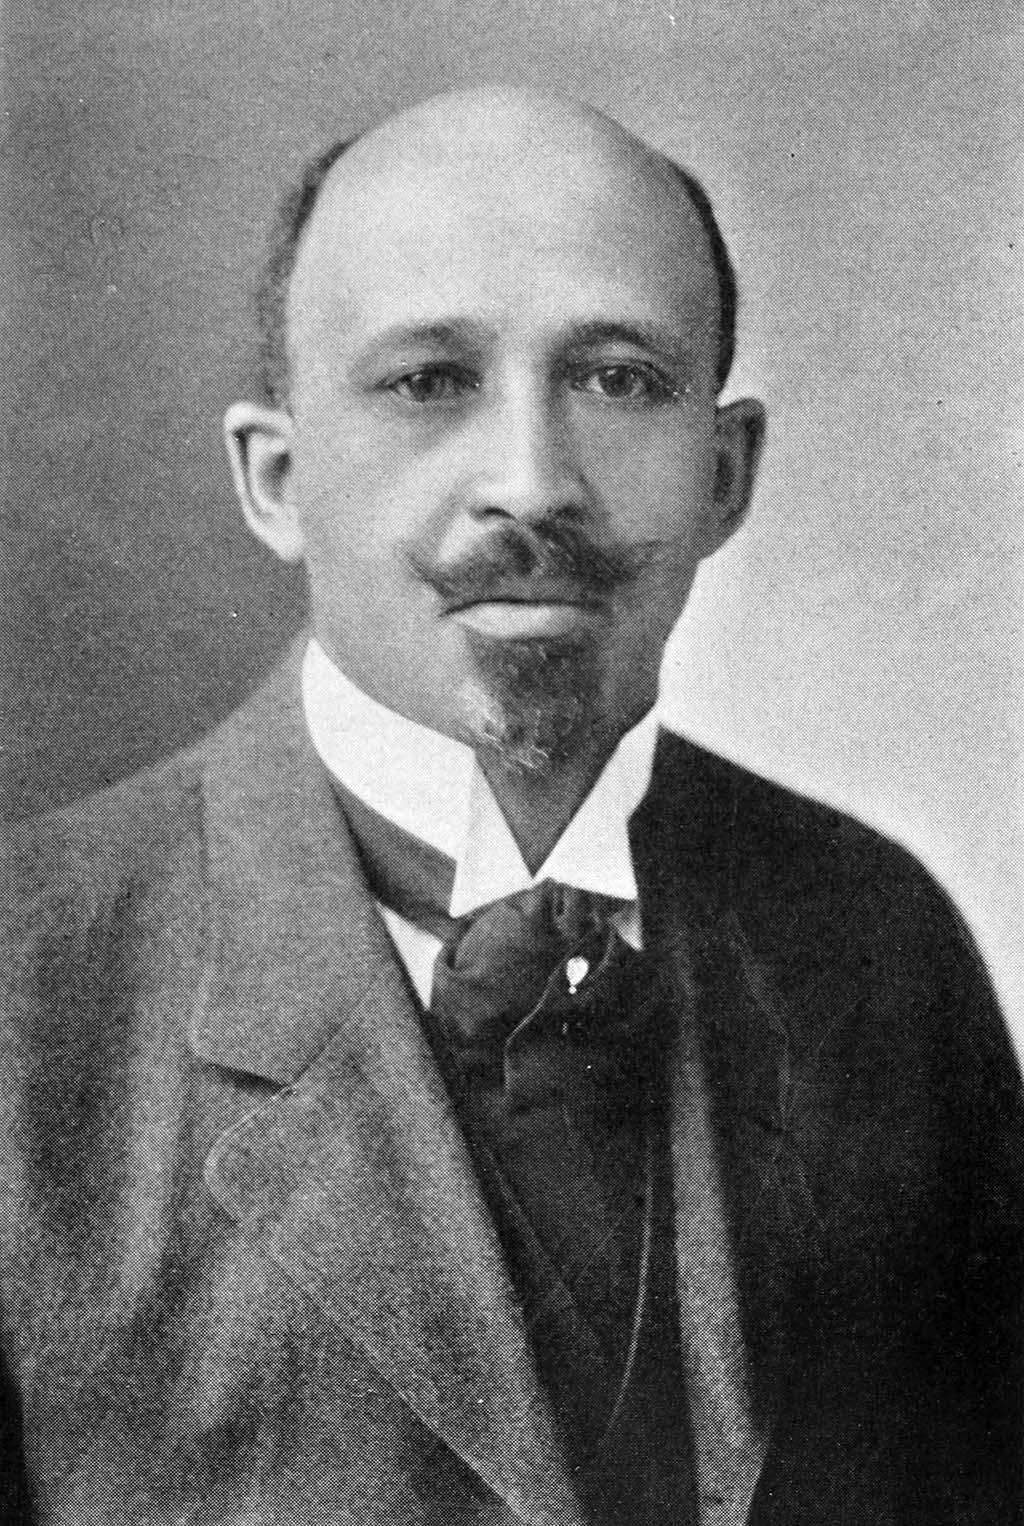 Amazon.com: W. E. B Du Bois: Books